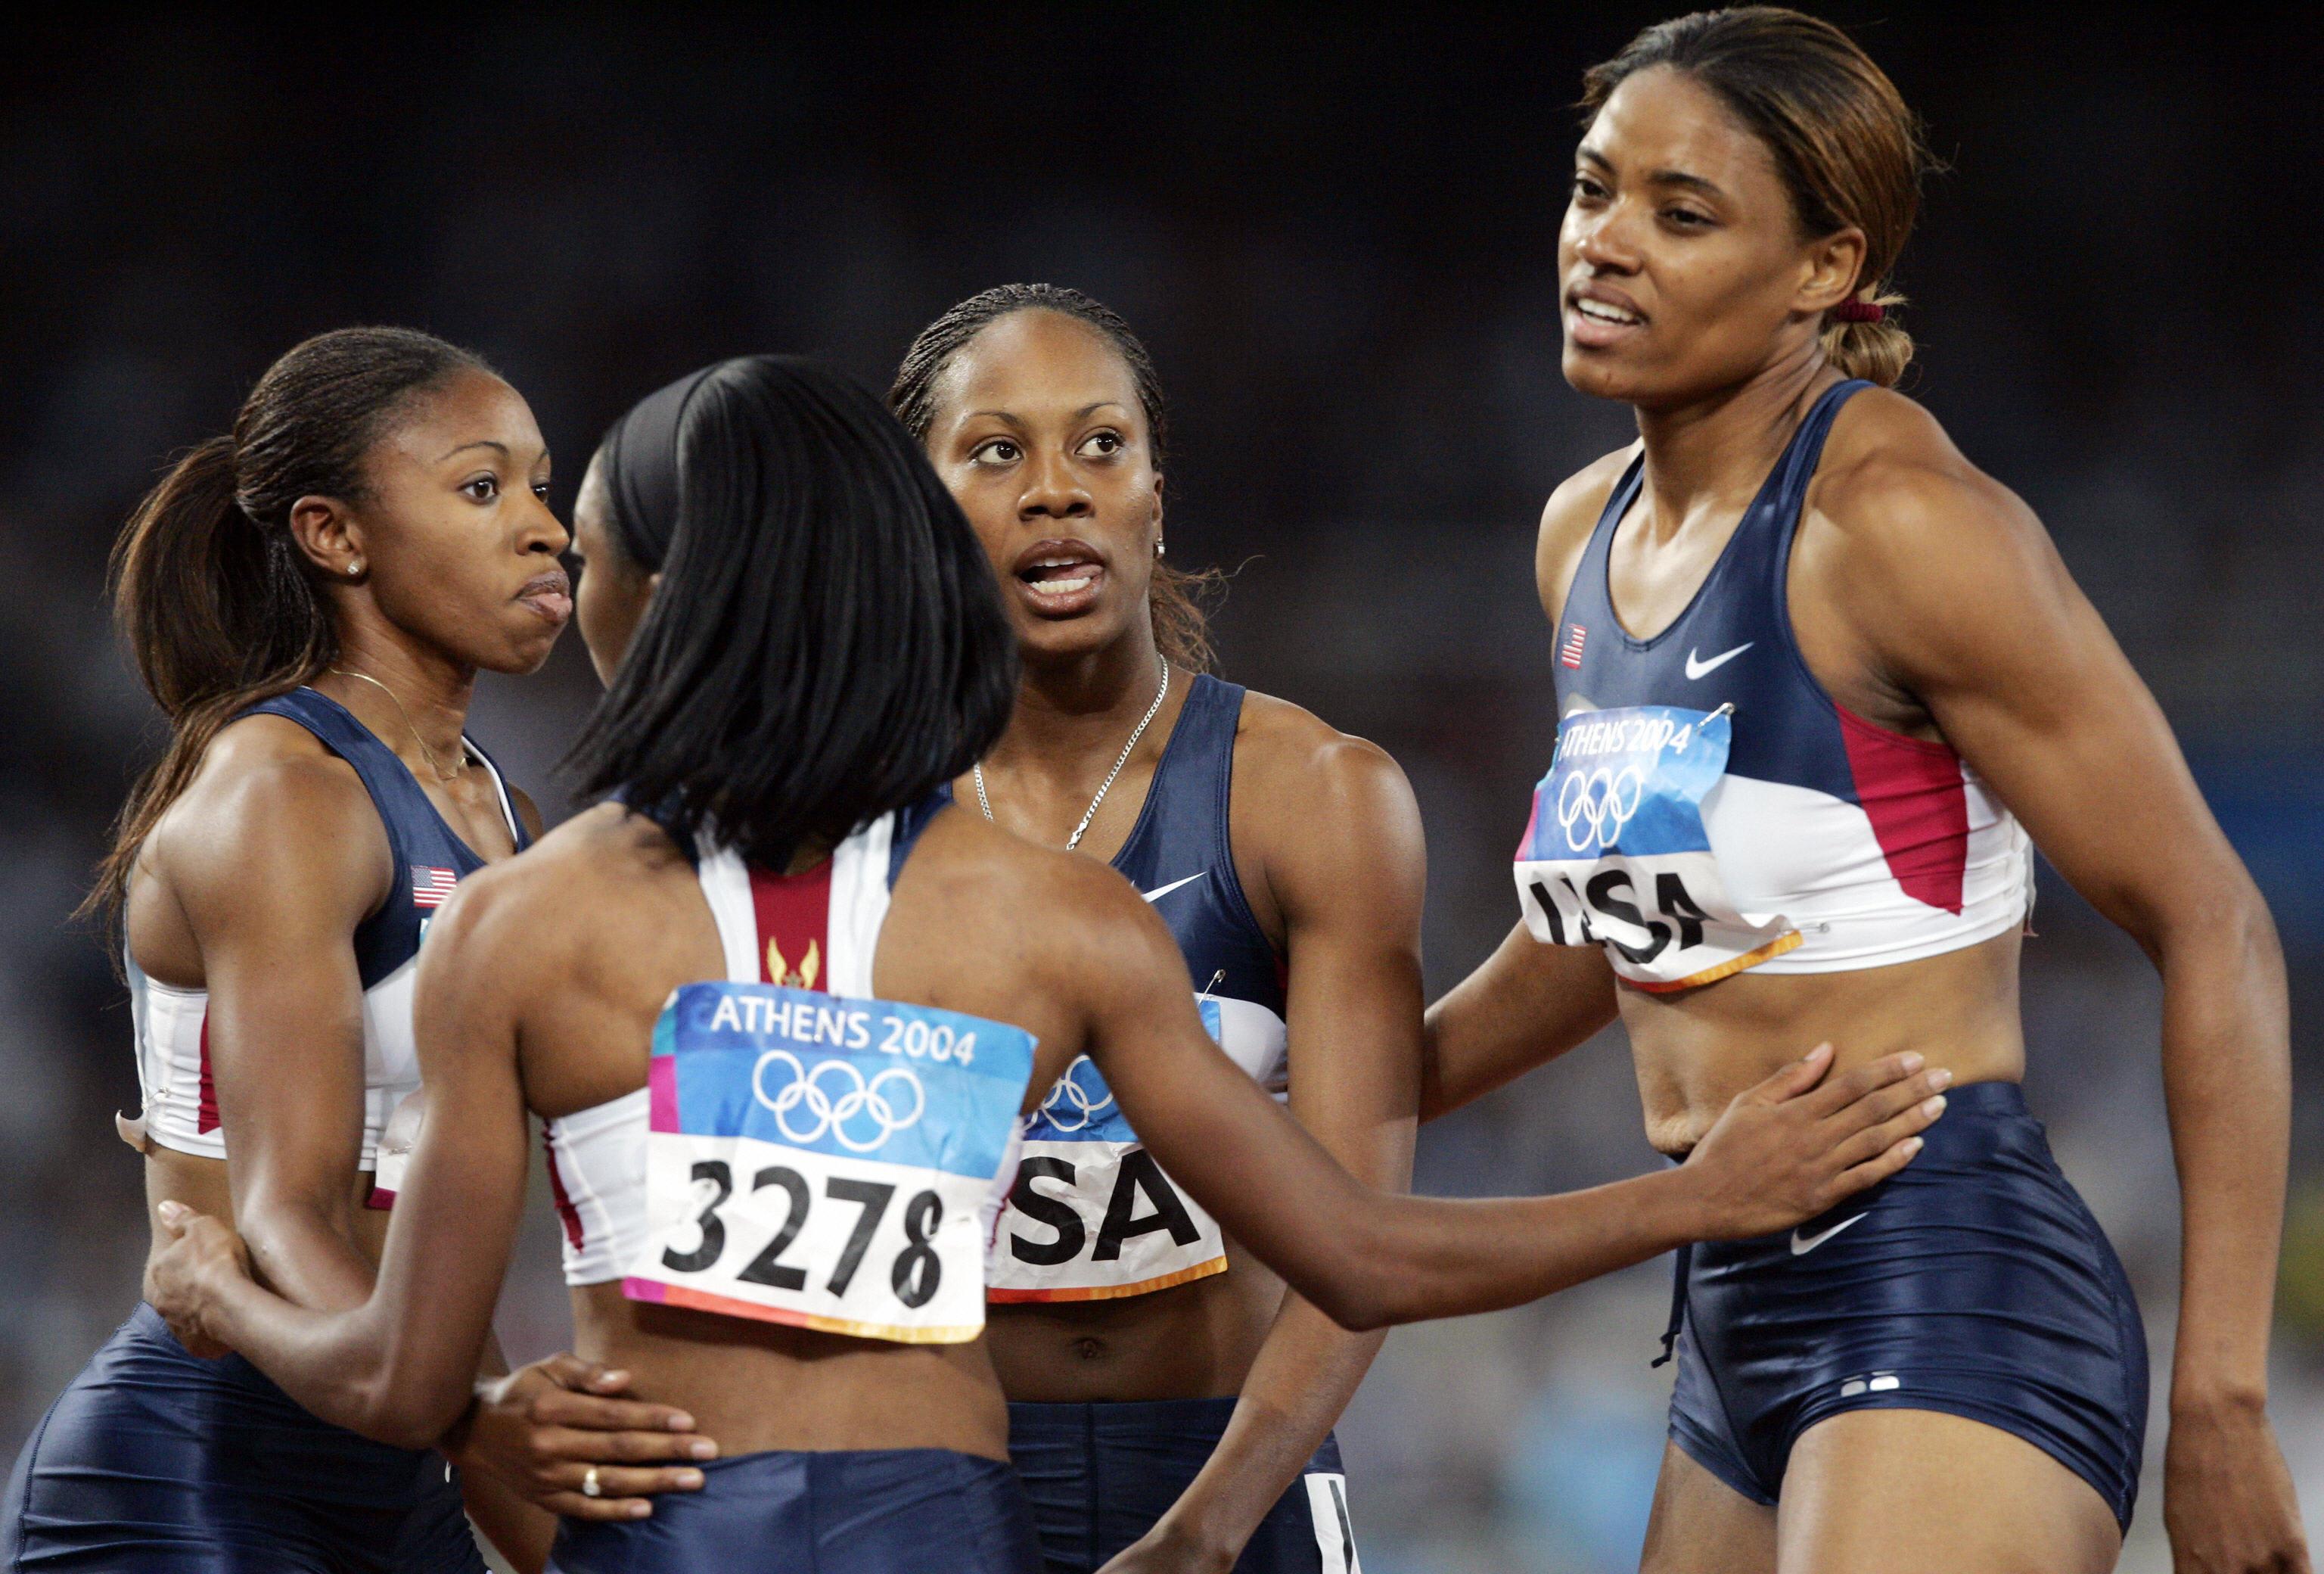 Crystal Cox, Survivor Athletes